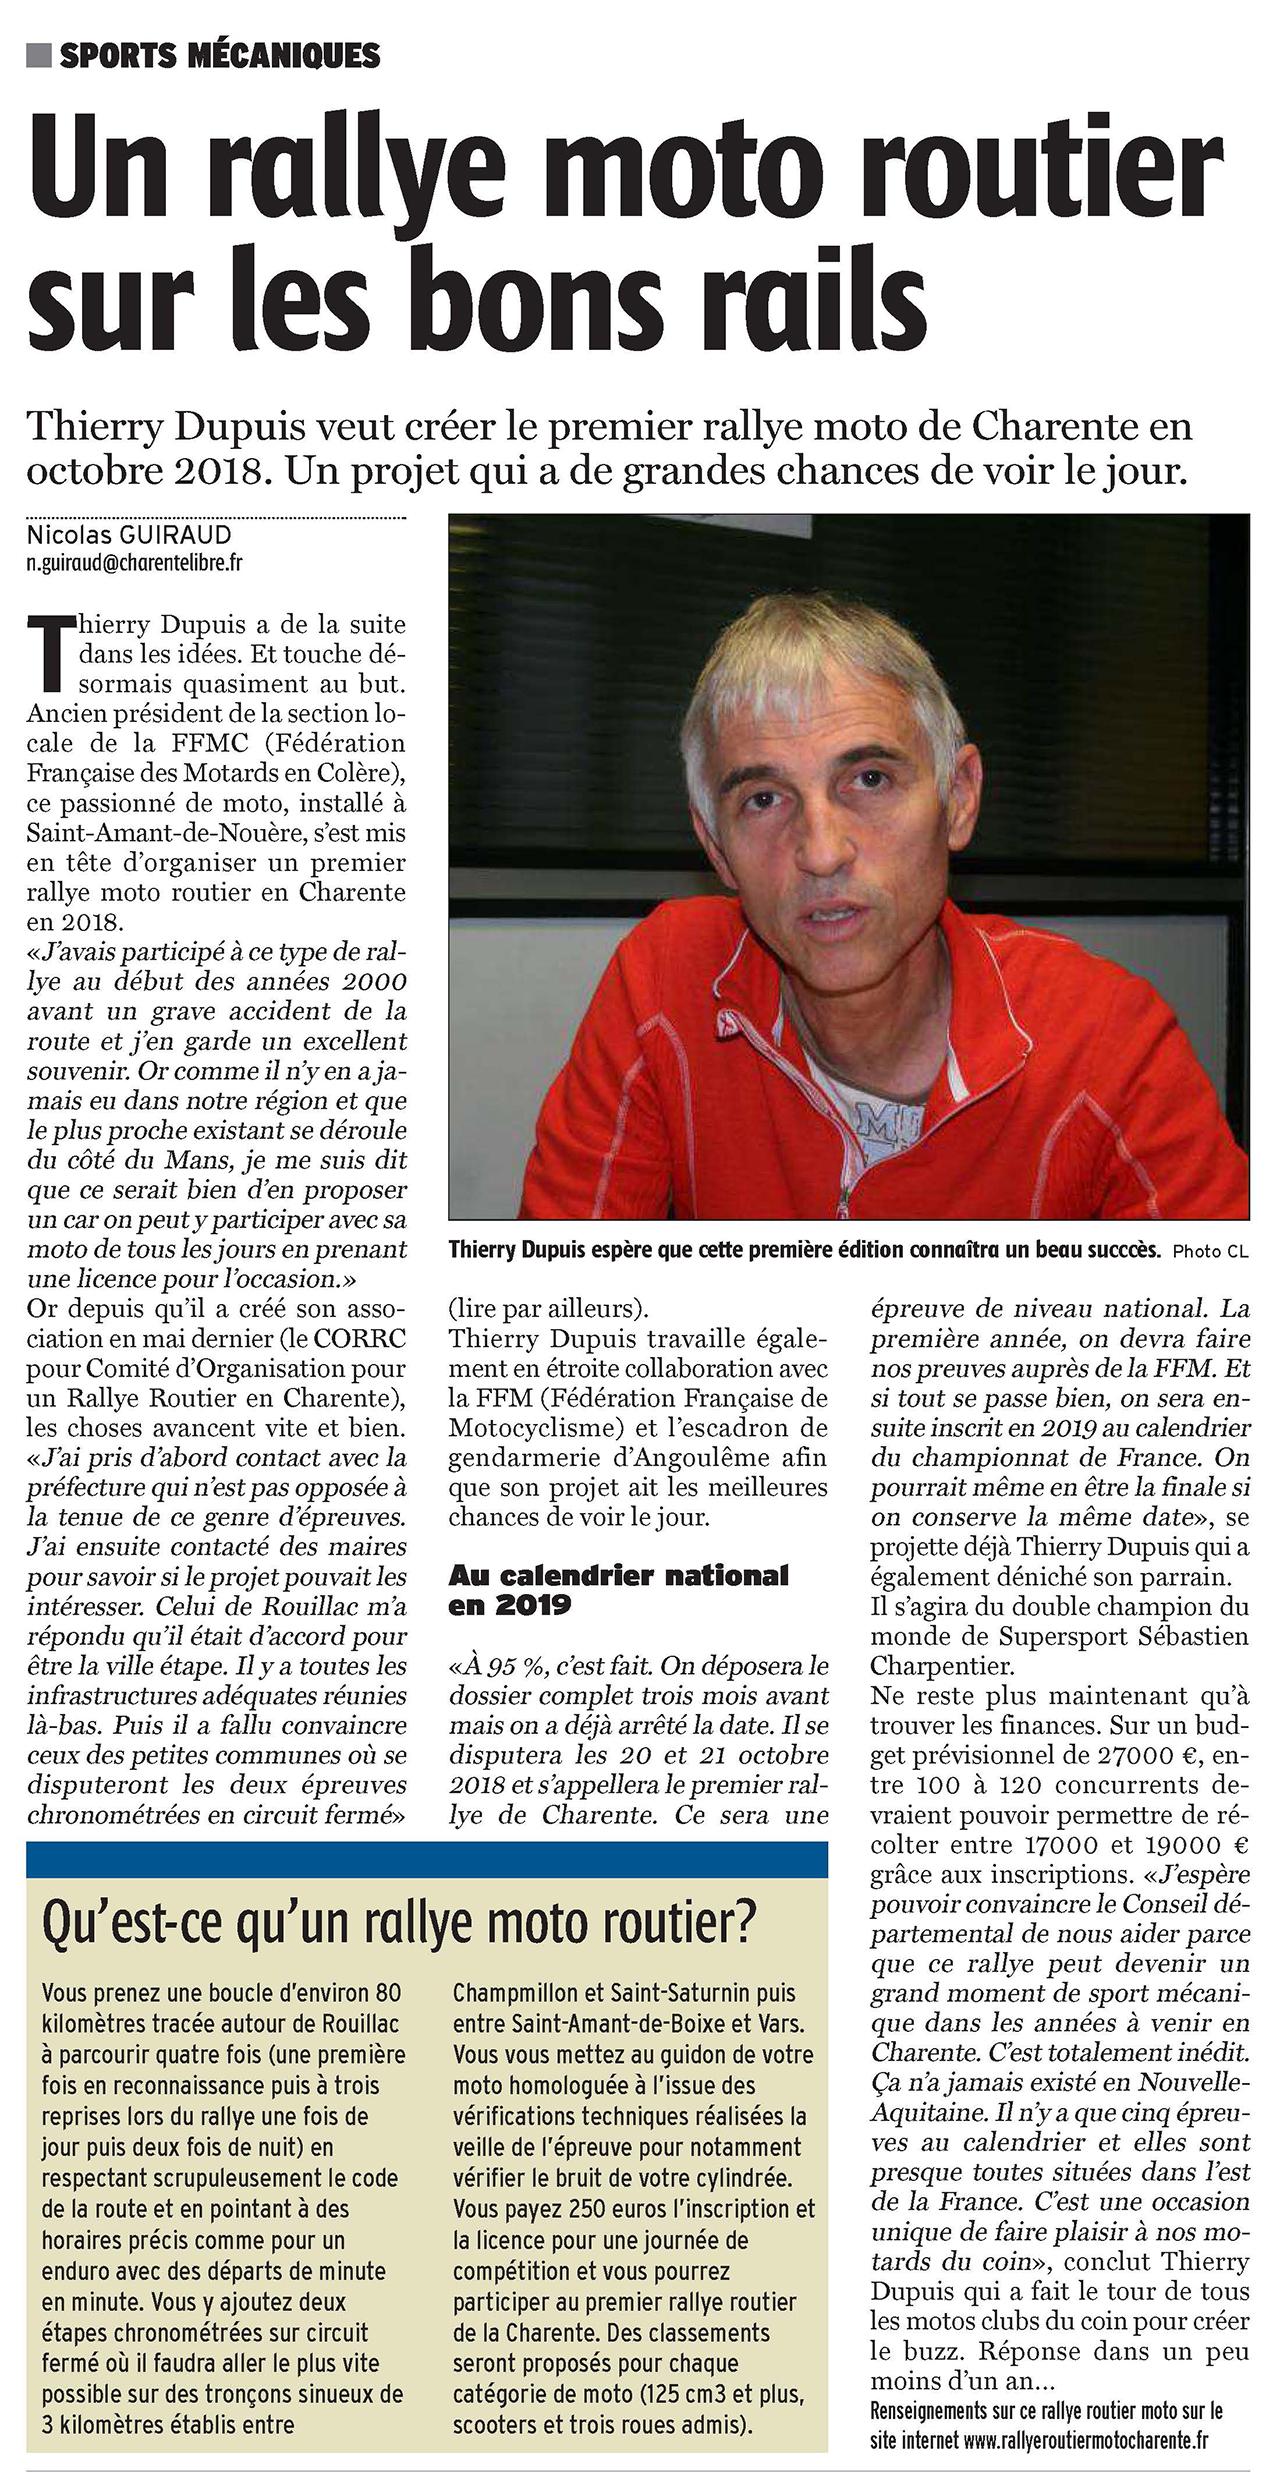 Charente Libre du 20/12/&è